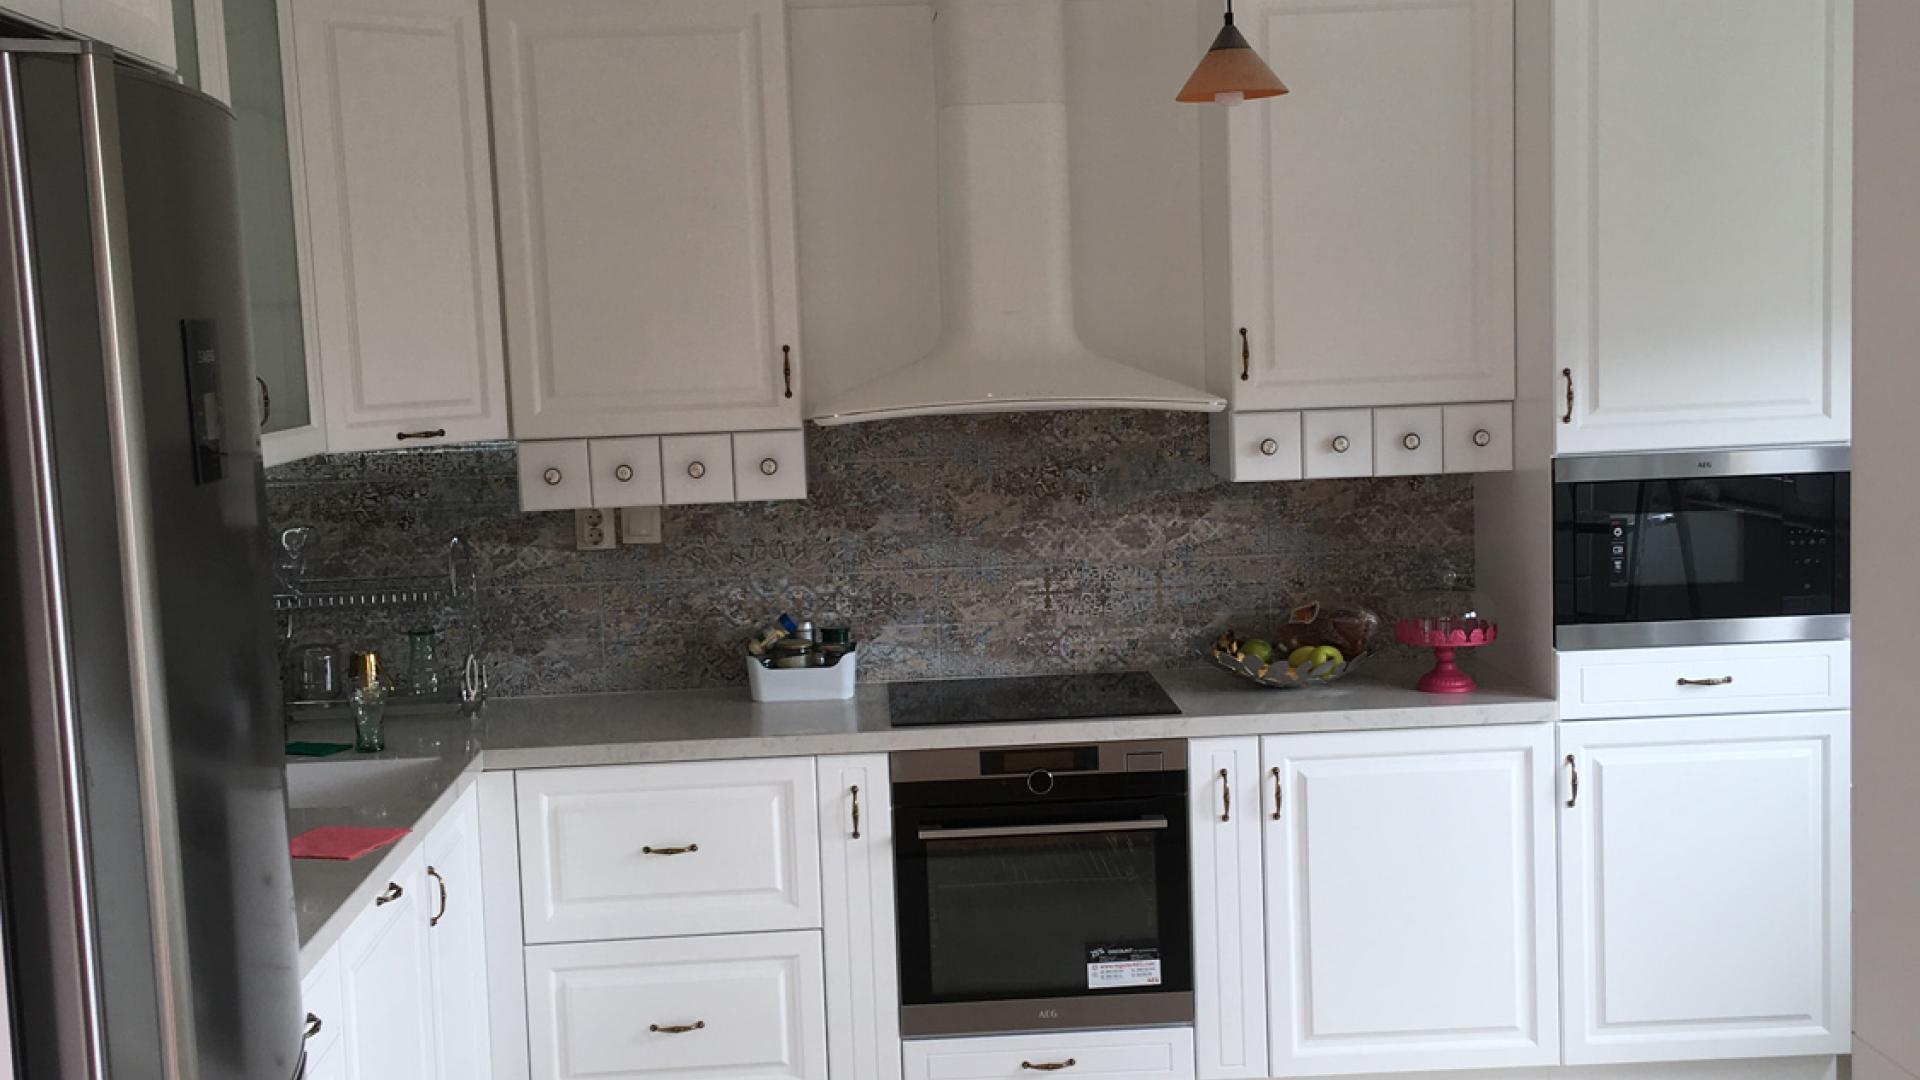 kuhnq-po-proekt-kitchen-SP-furnish-design